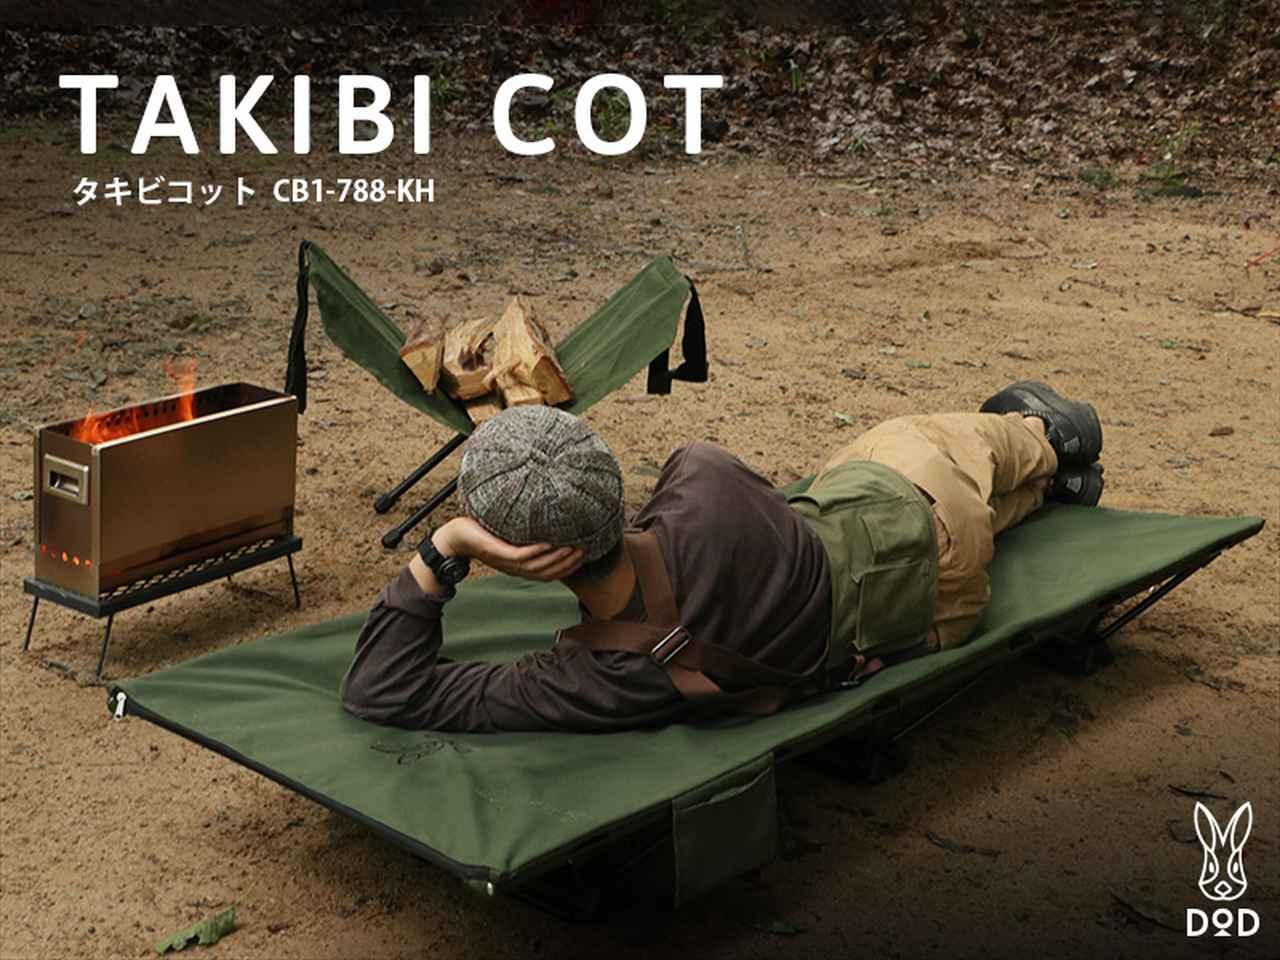 画像13: 【まとめ】キャンプ用ベッド「コット」おすすめ8選+α ヘリノックス・DODなど